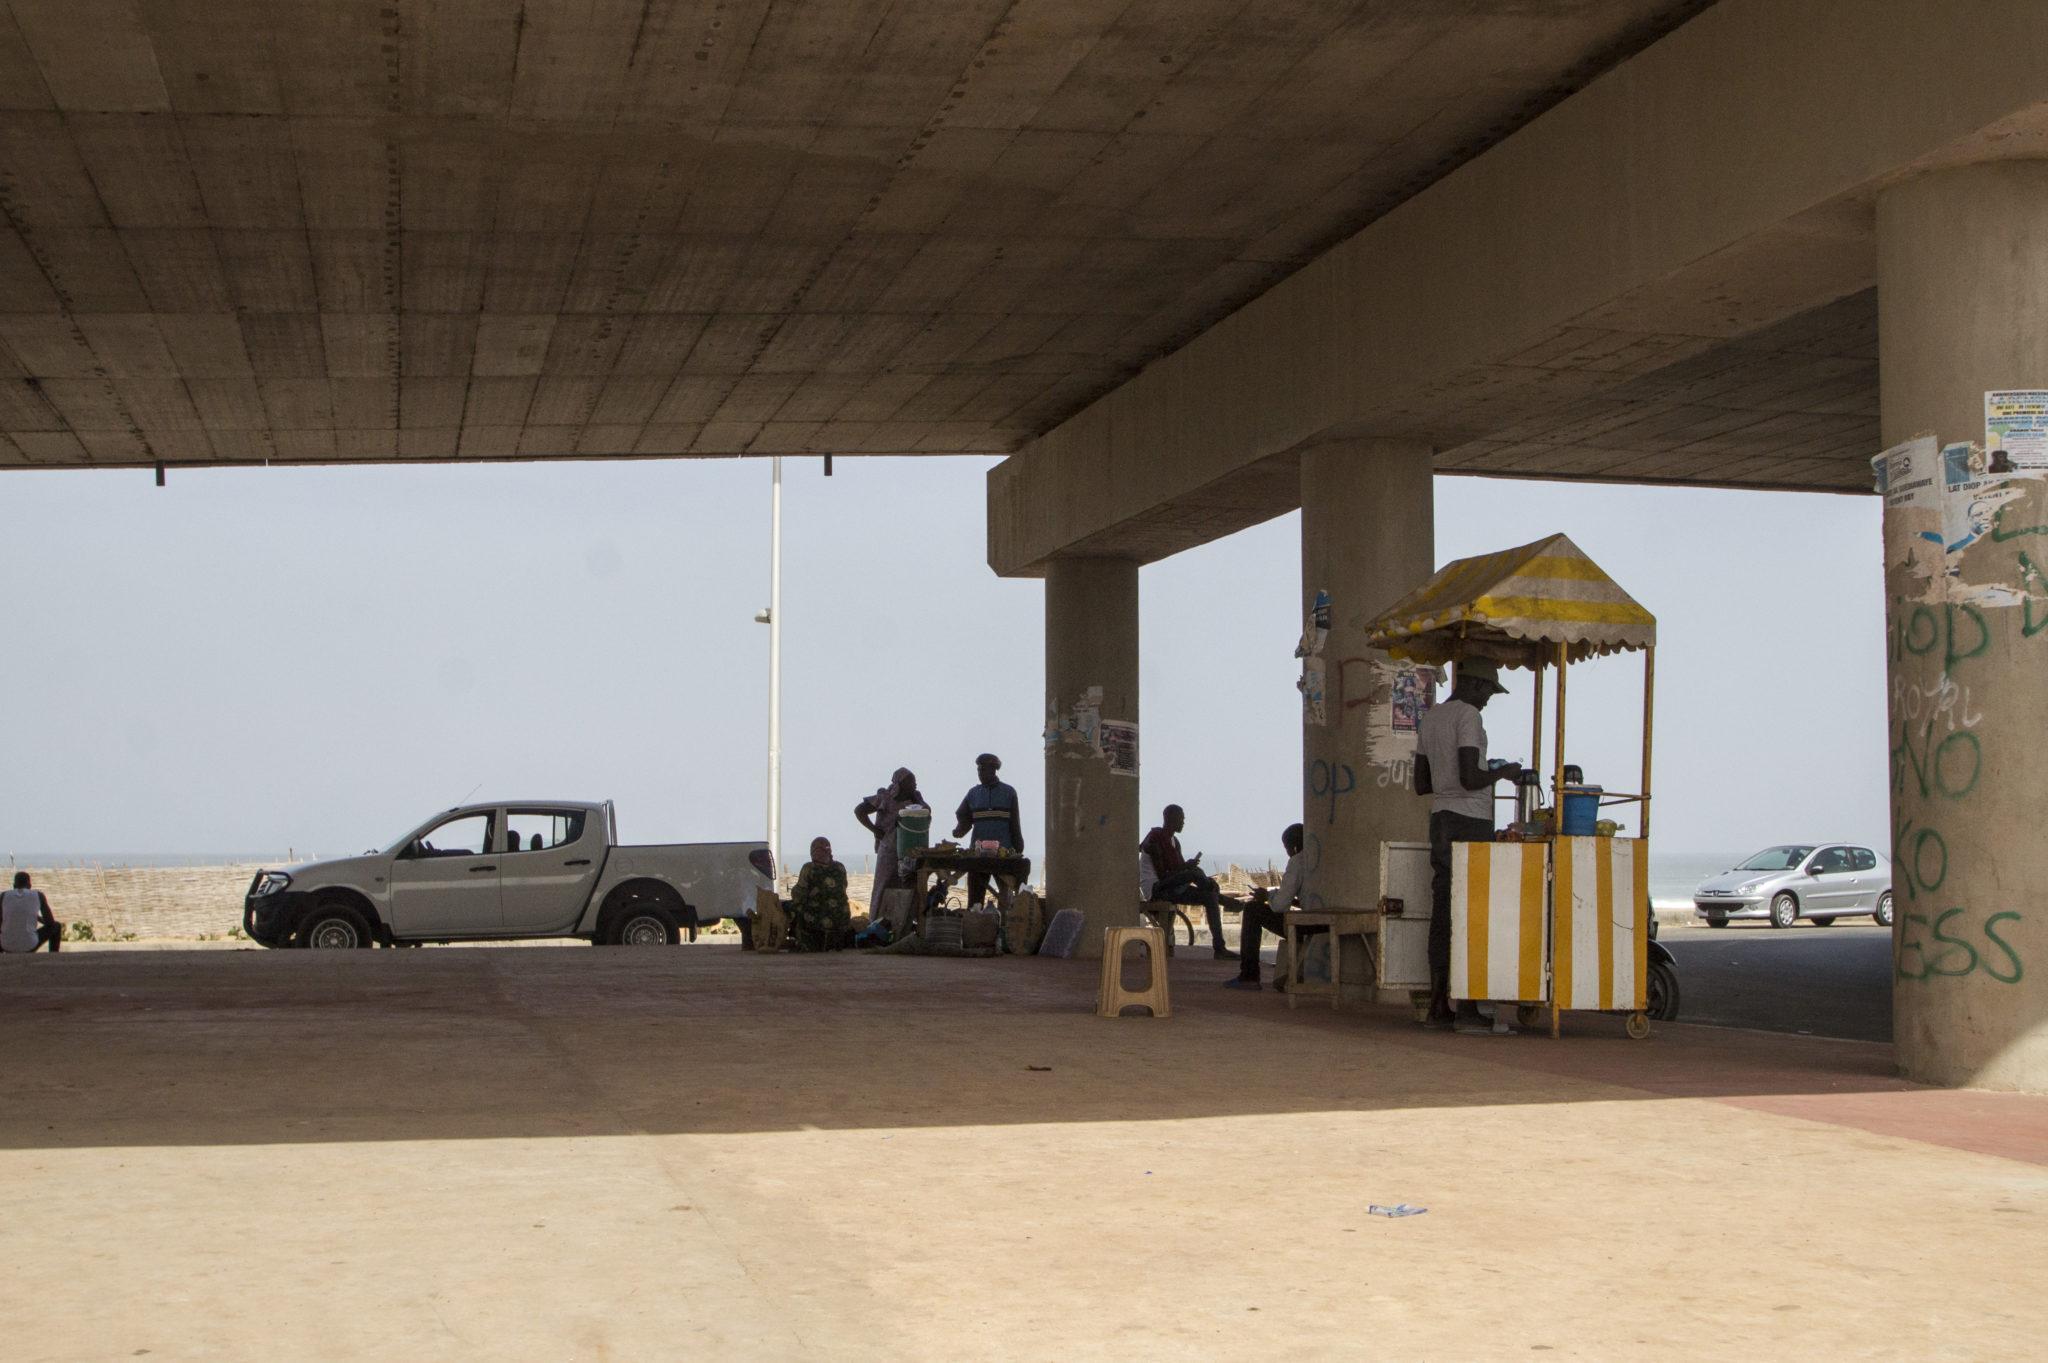 Mbour-Petite-Cote-Senegal-traffic